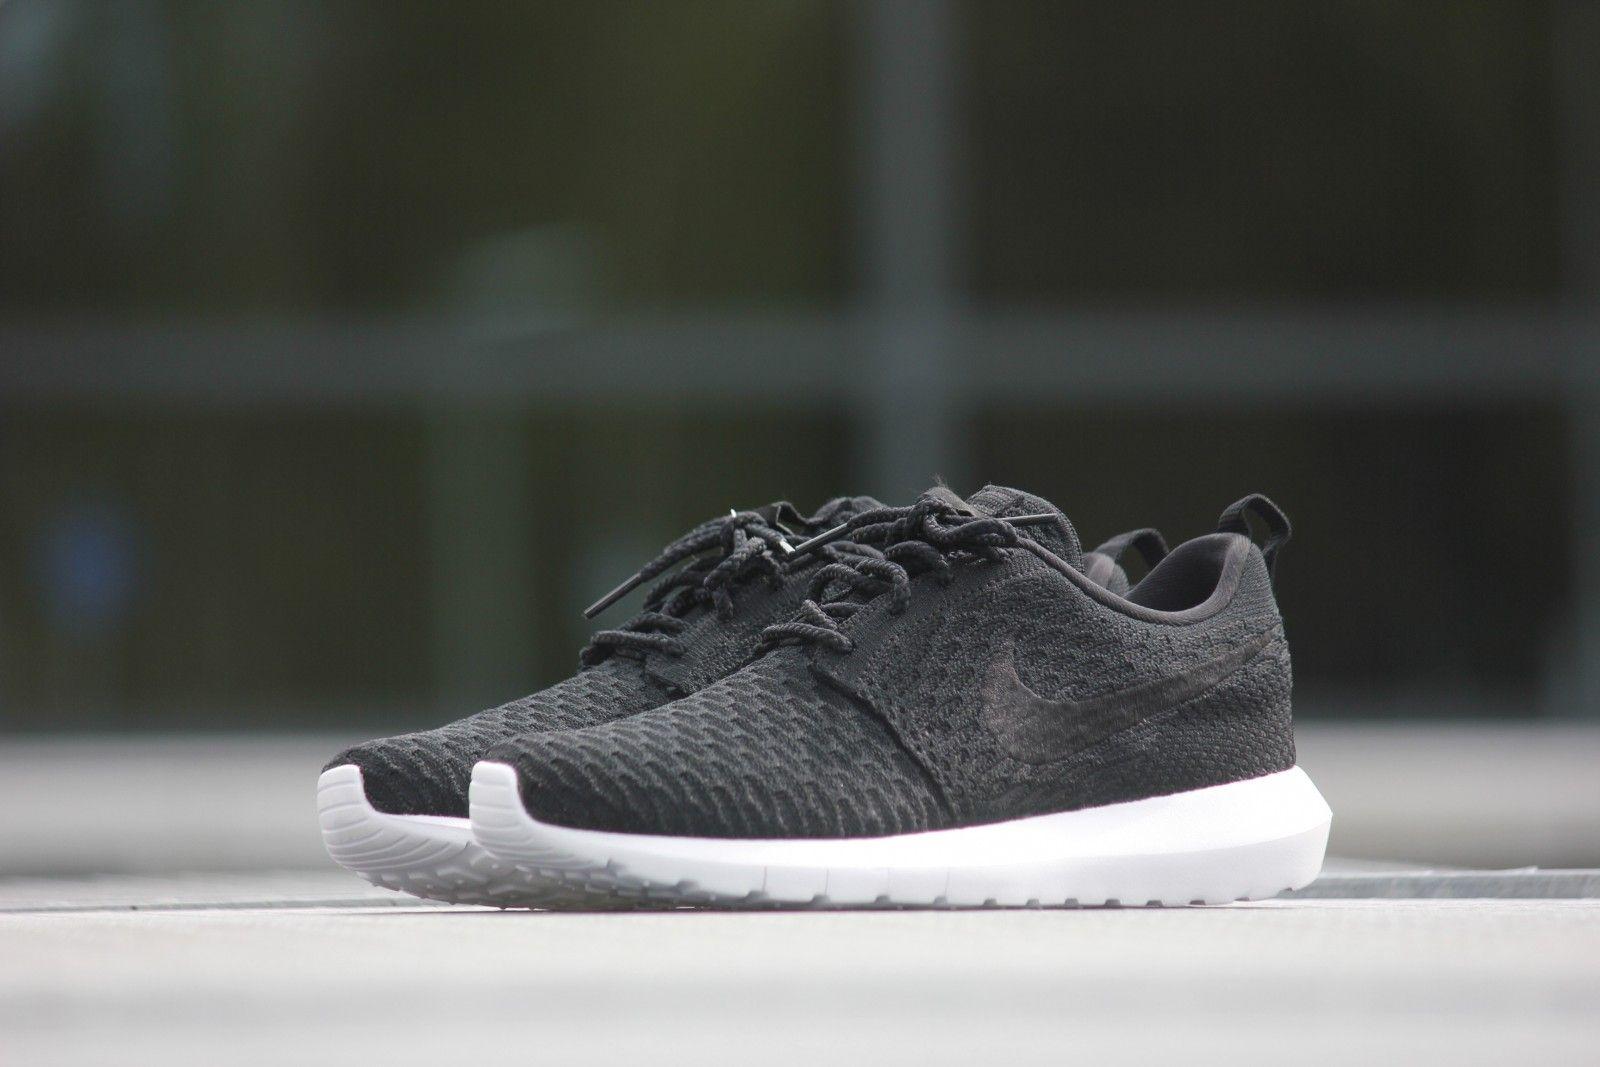 d81e4972e1af Nike Roshe Nm FlyKnit Black Black-White - 677243-011